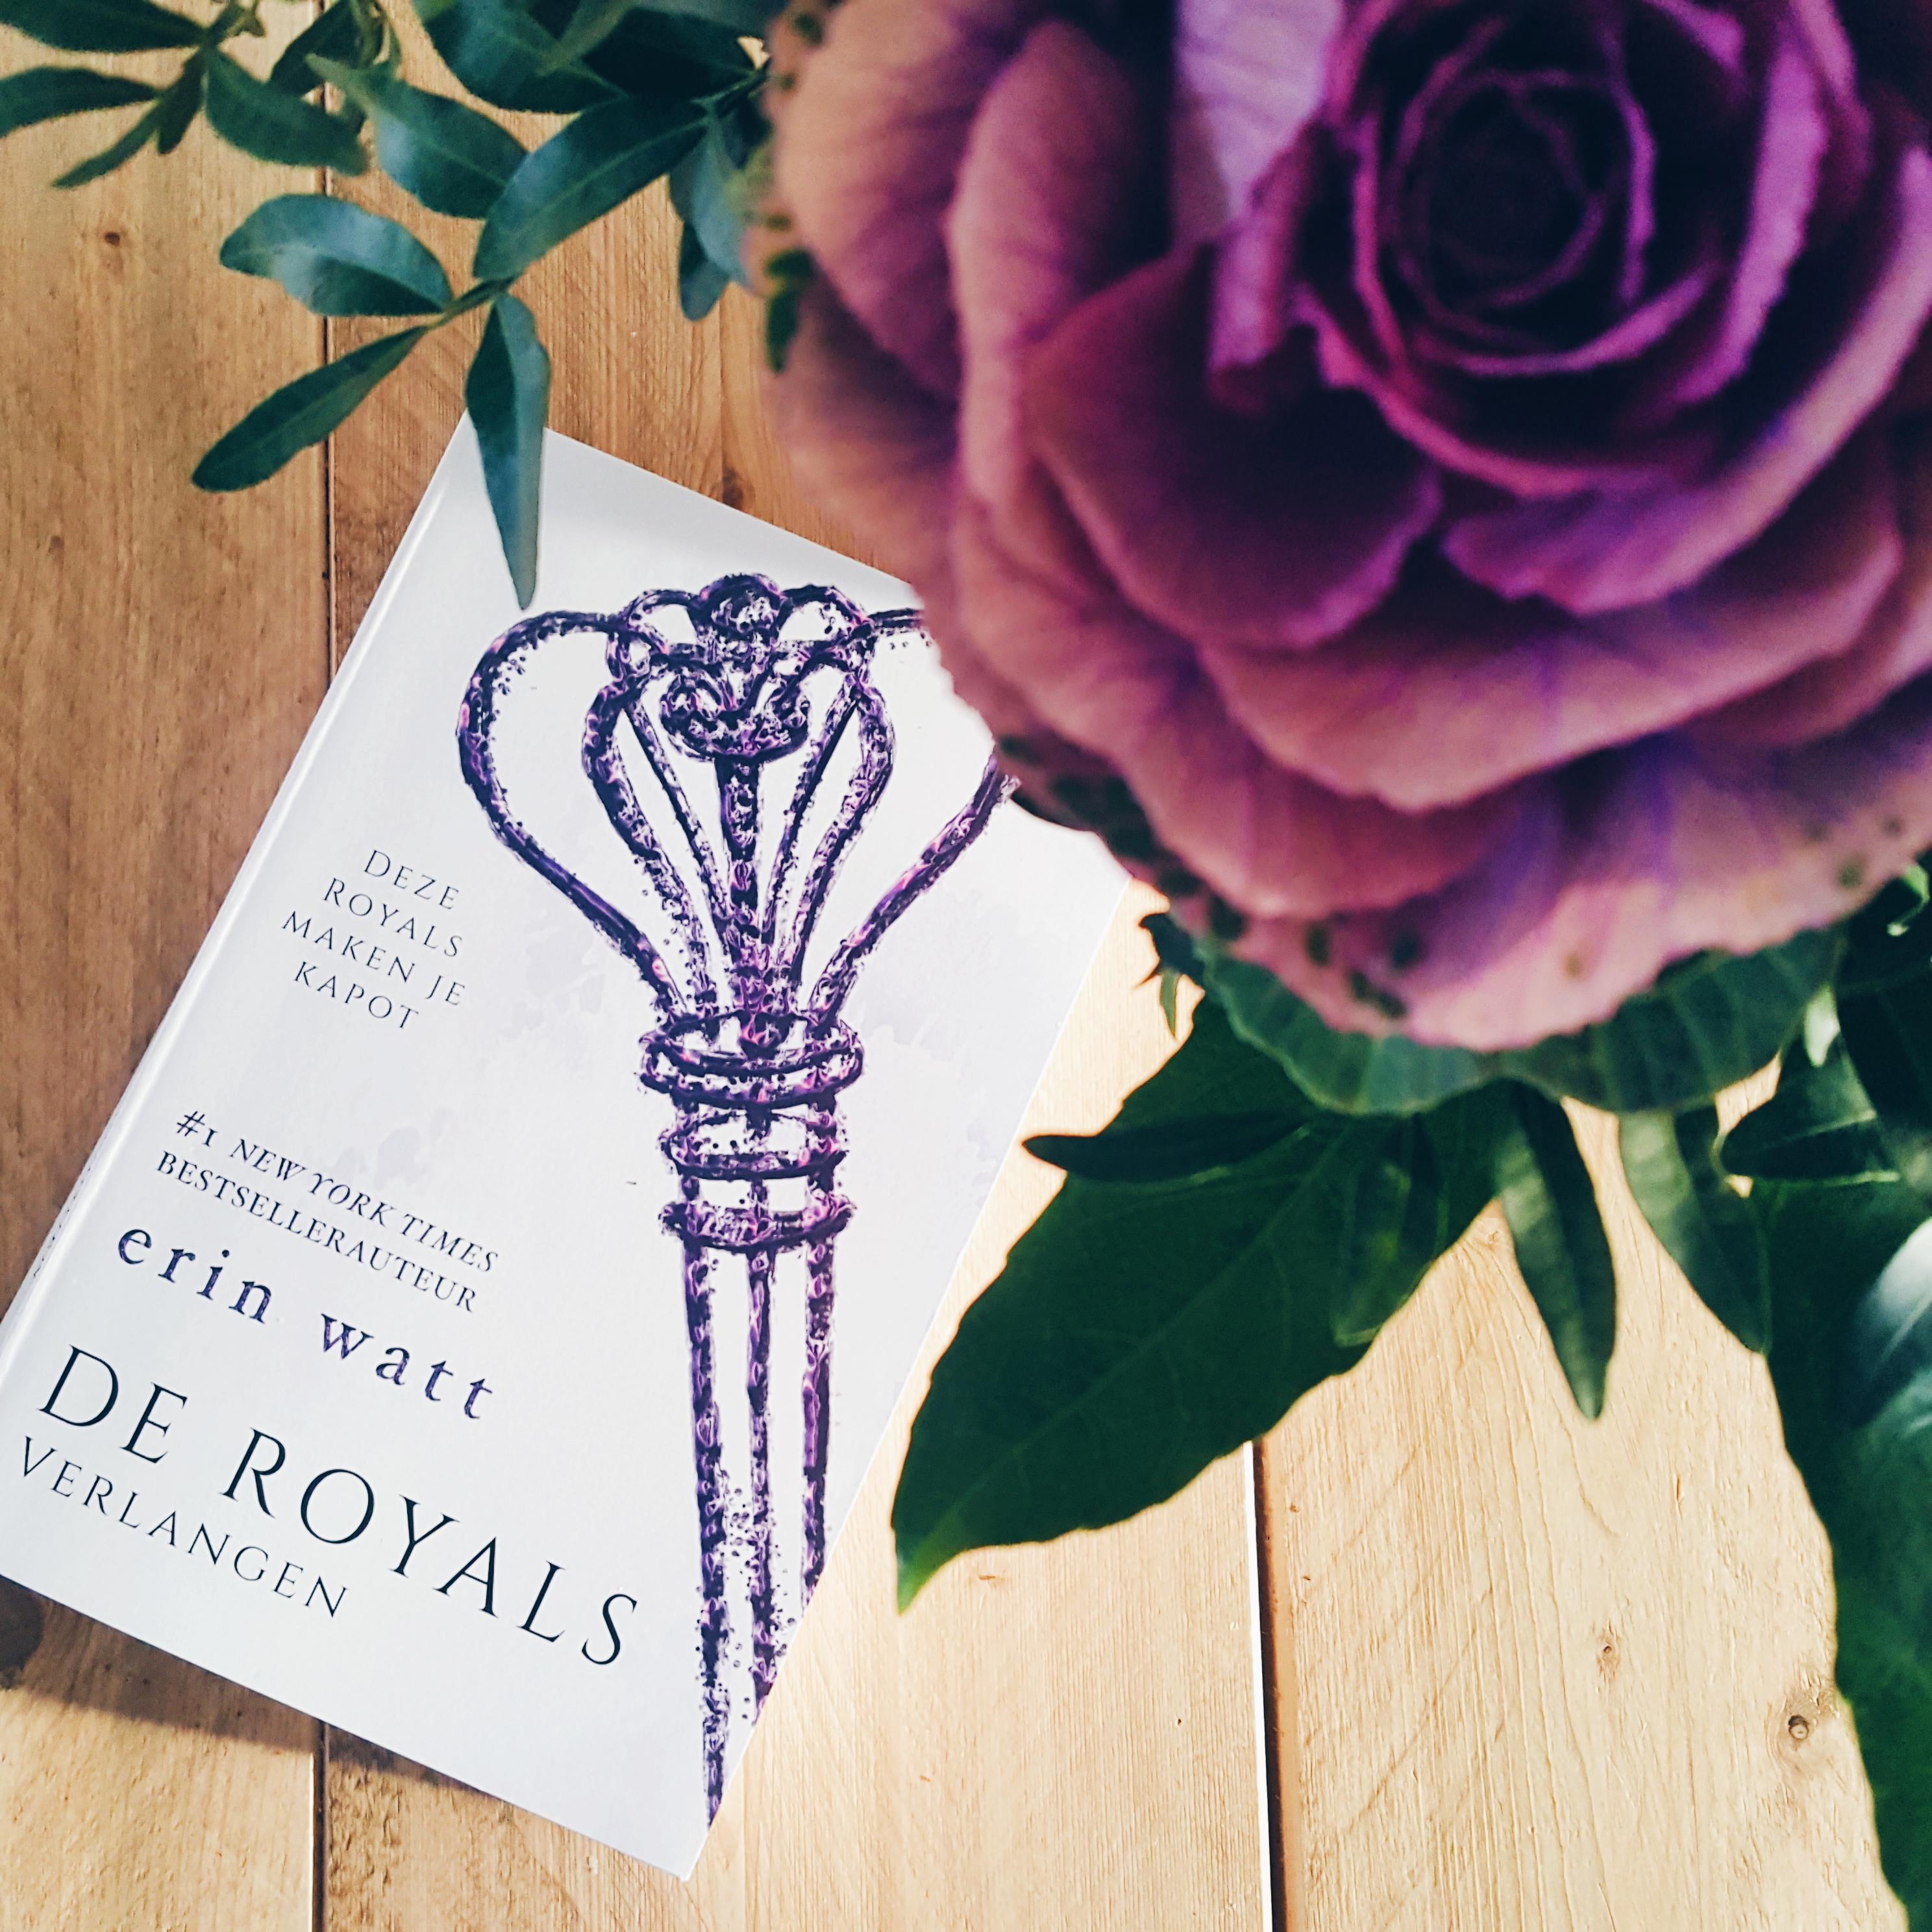 Deze Royals maken je kapot… De populaire boekenserie van Erin Watt